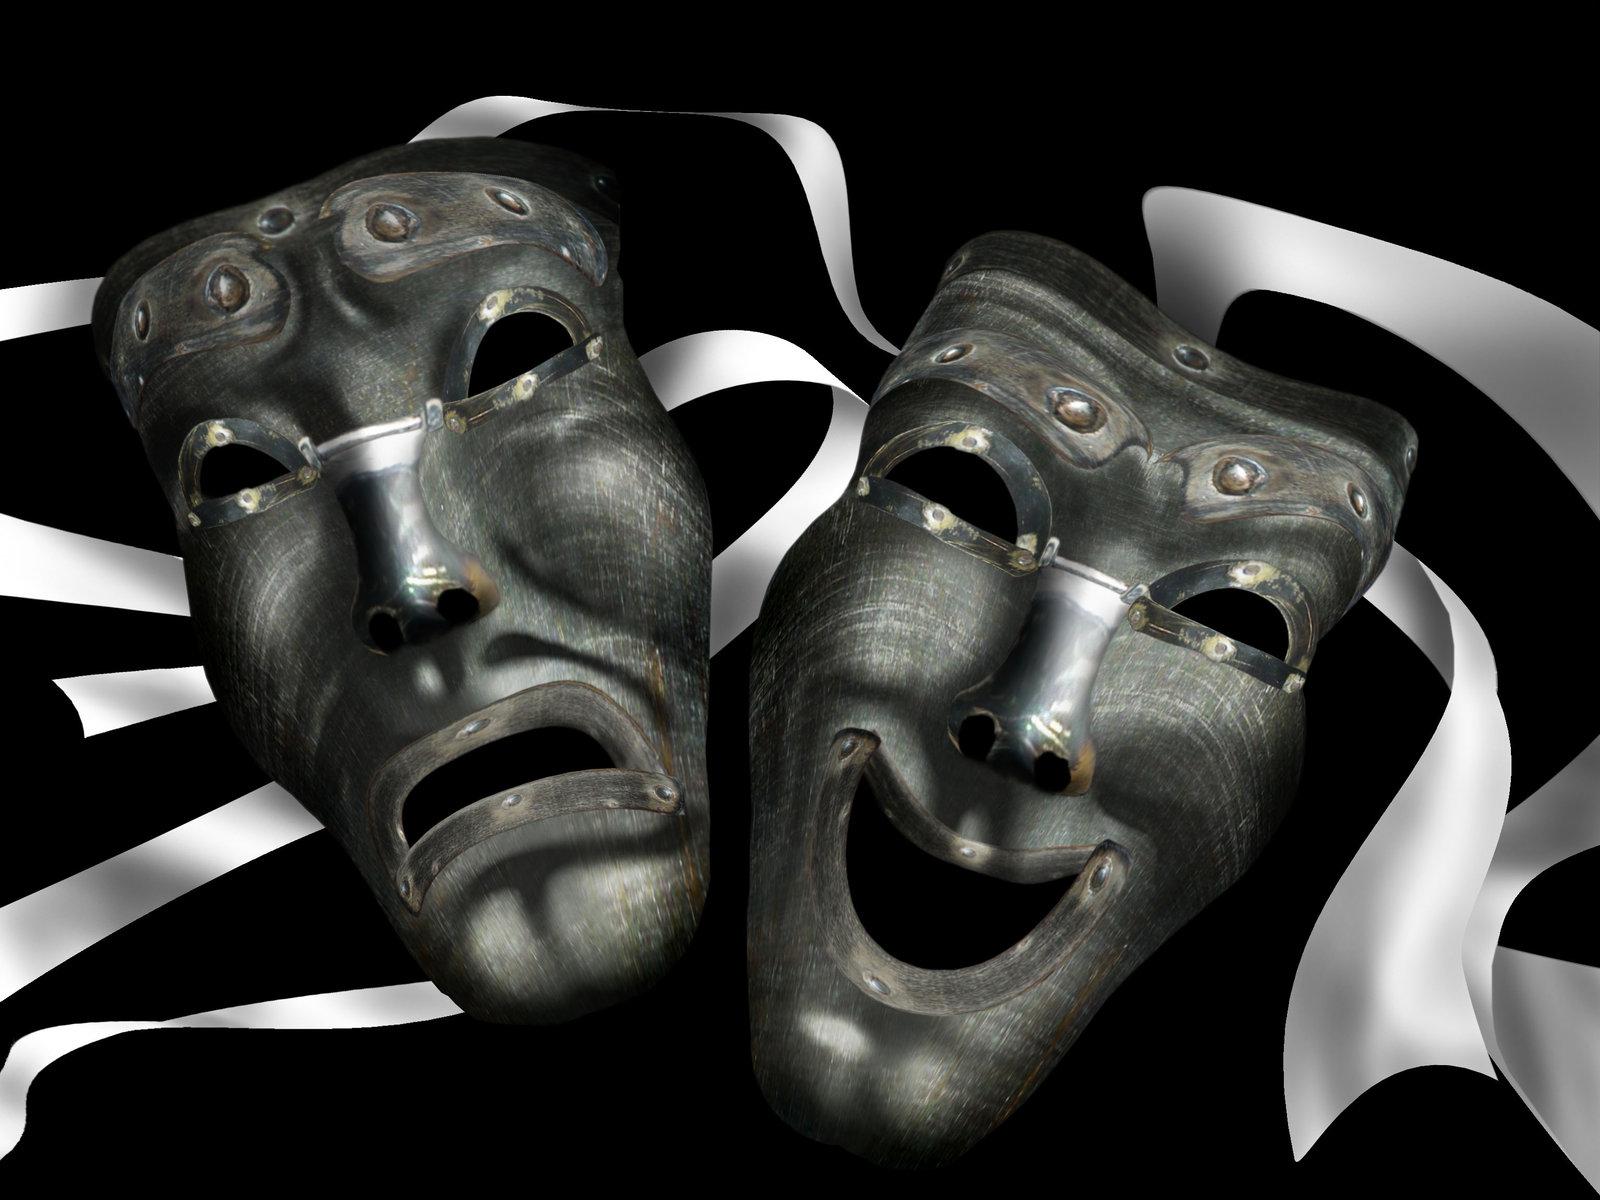 работникам театральные маски фото гифки мамой